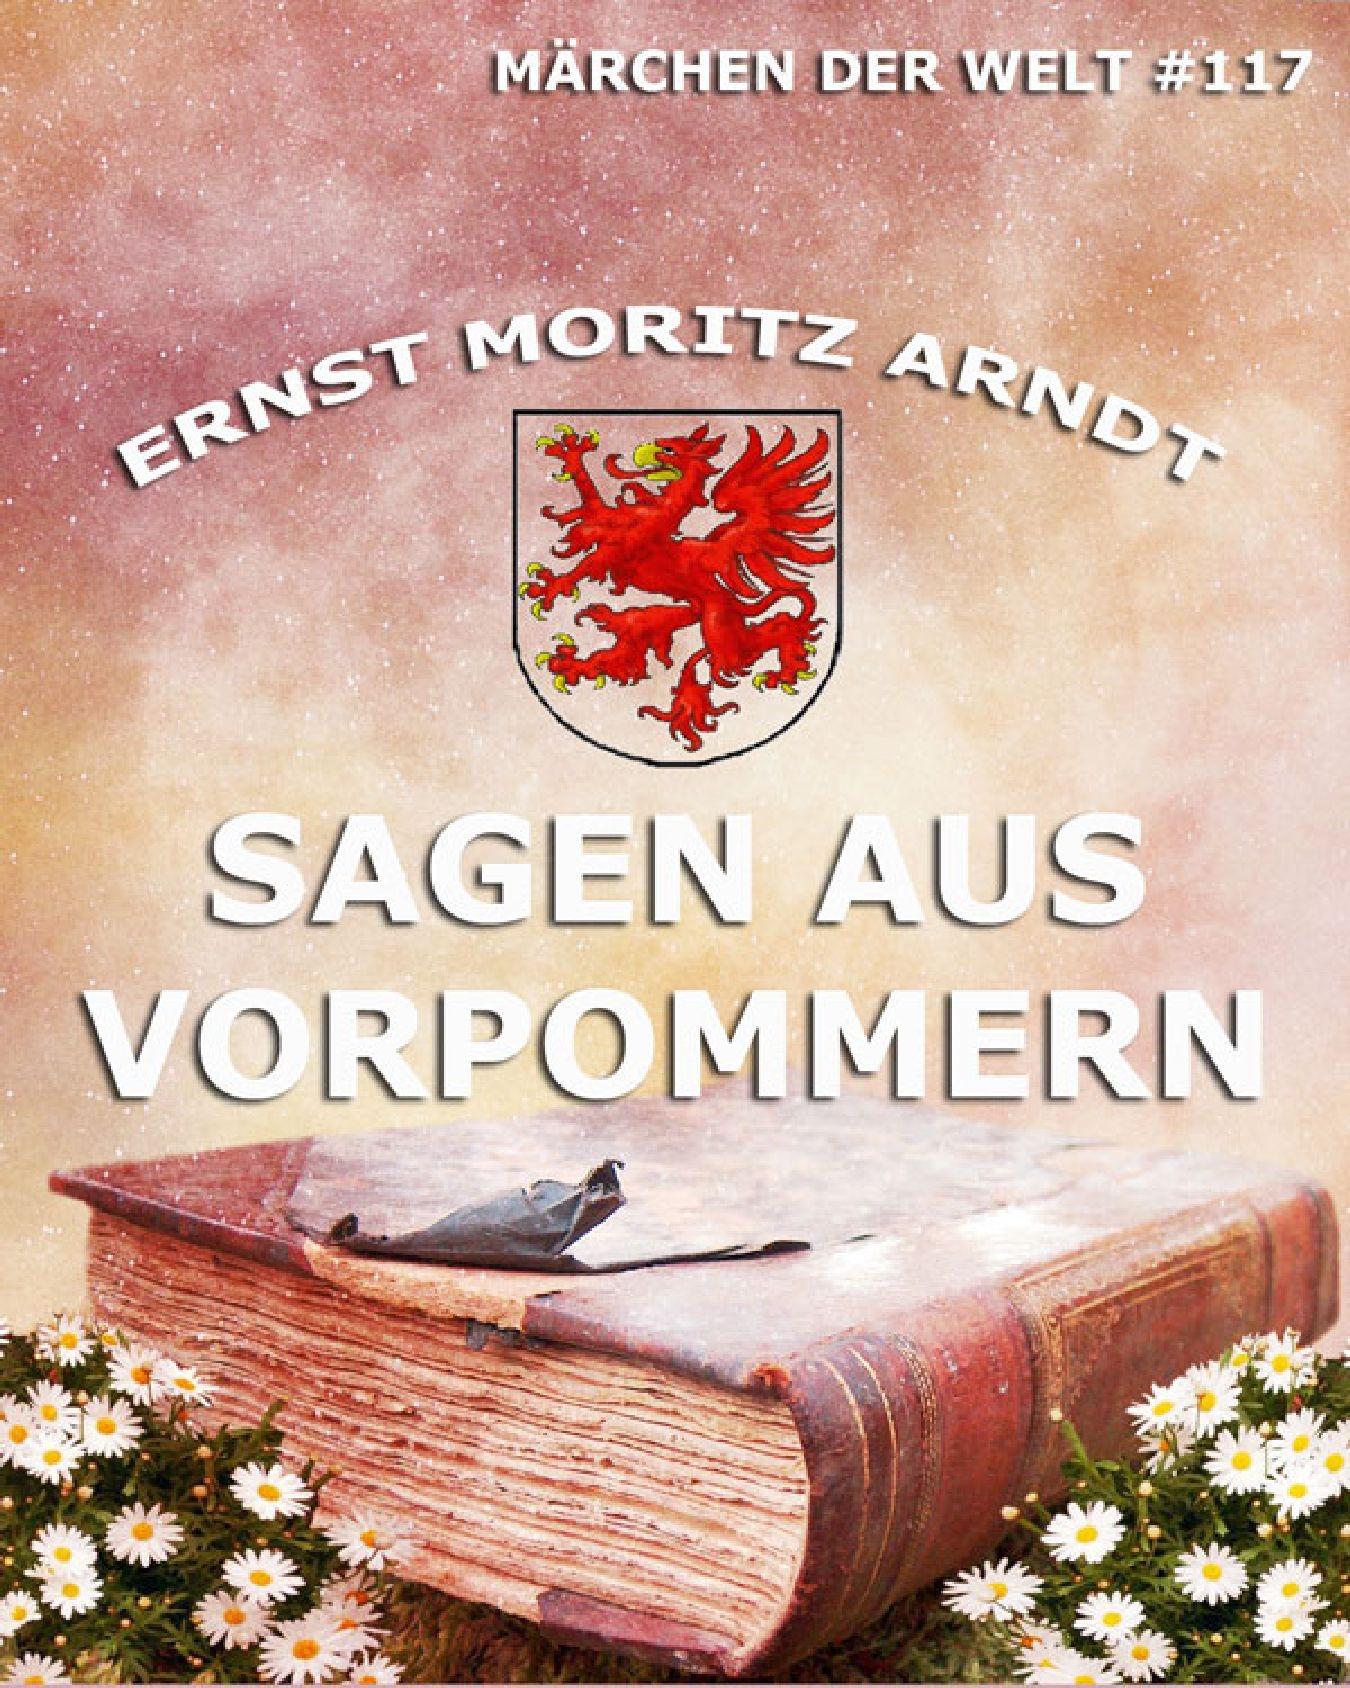 Ernst Moritz Arndt Sagen aus Vorpommern ernst moritz arndt gedichte